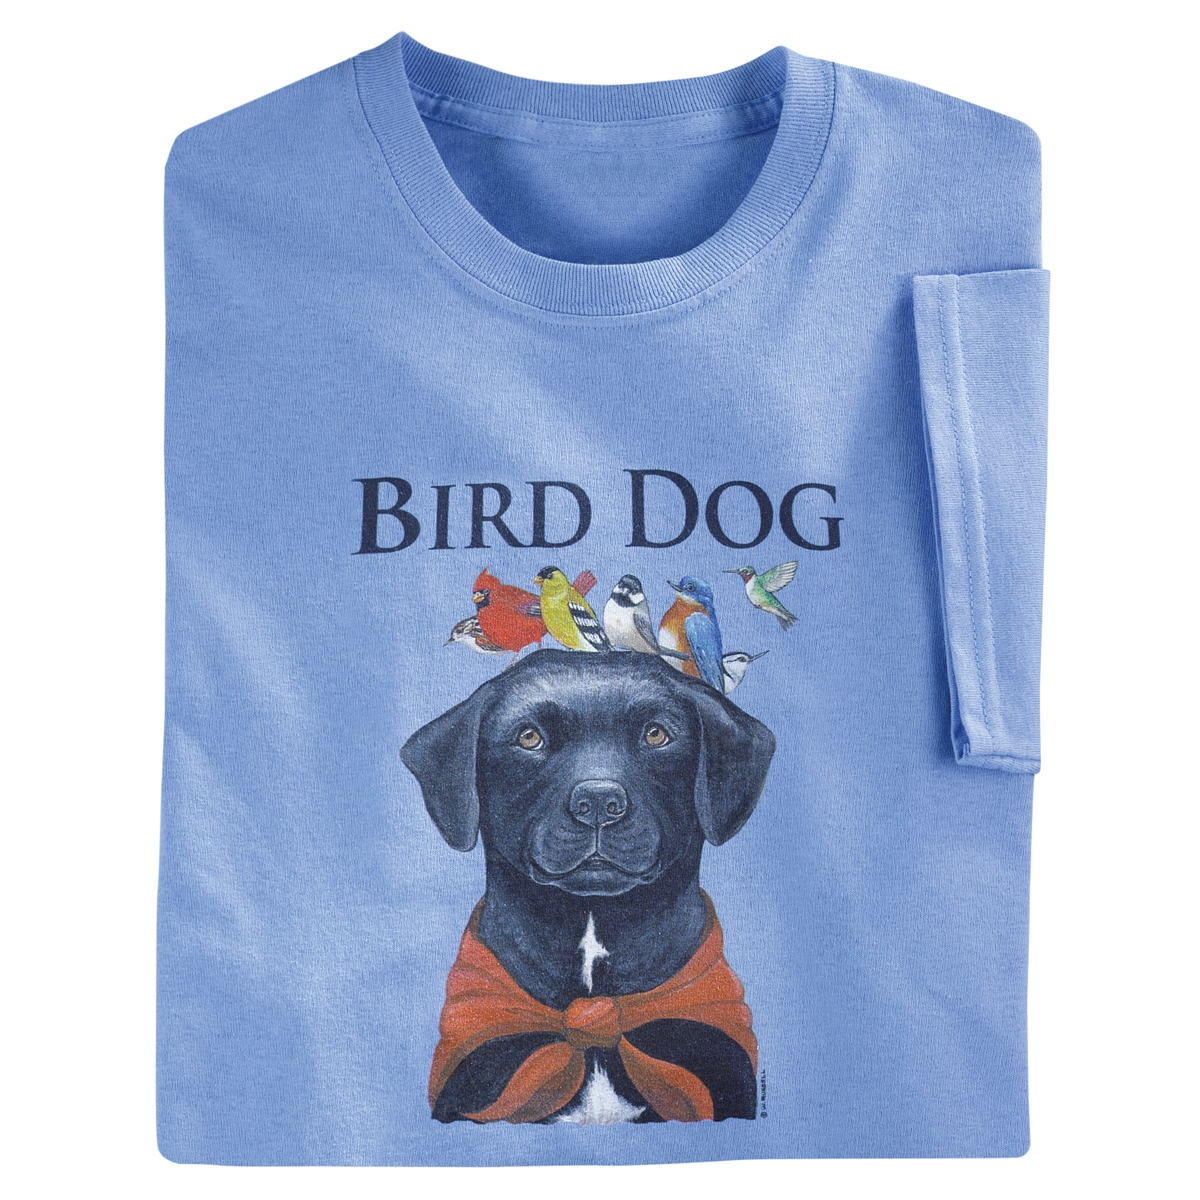 Bird Dog Friends Tee